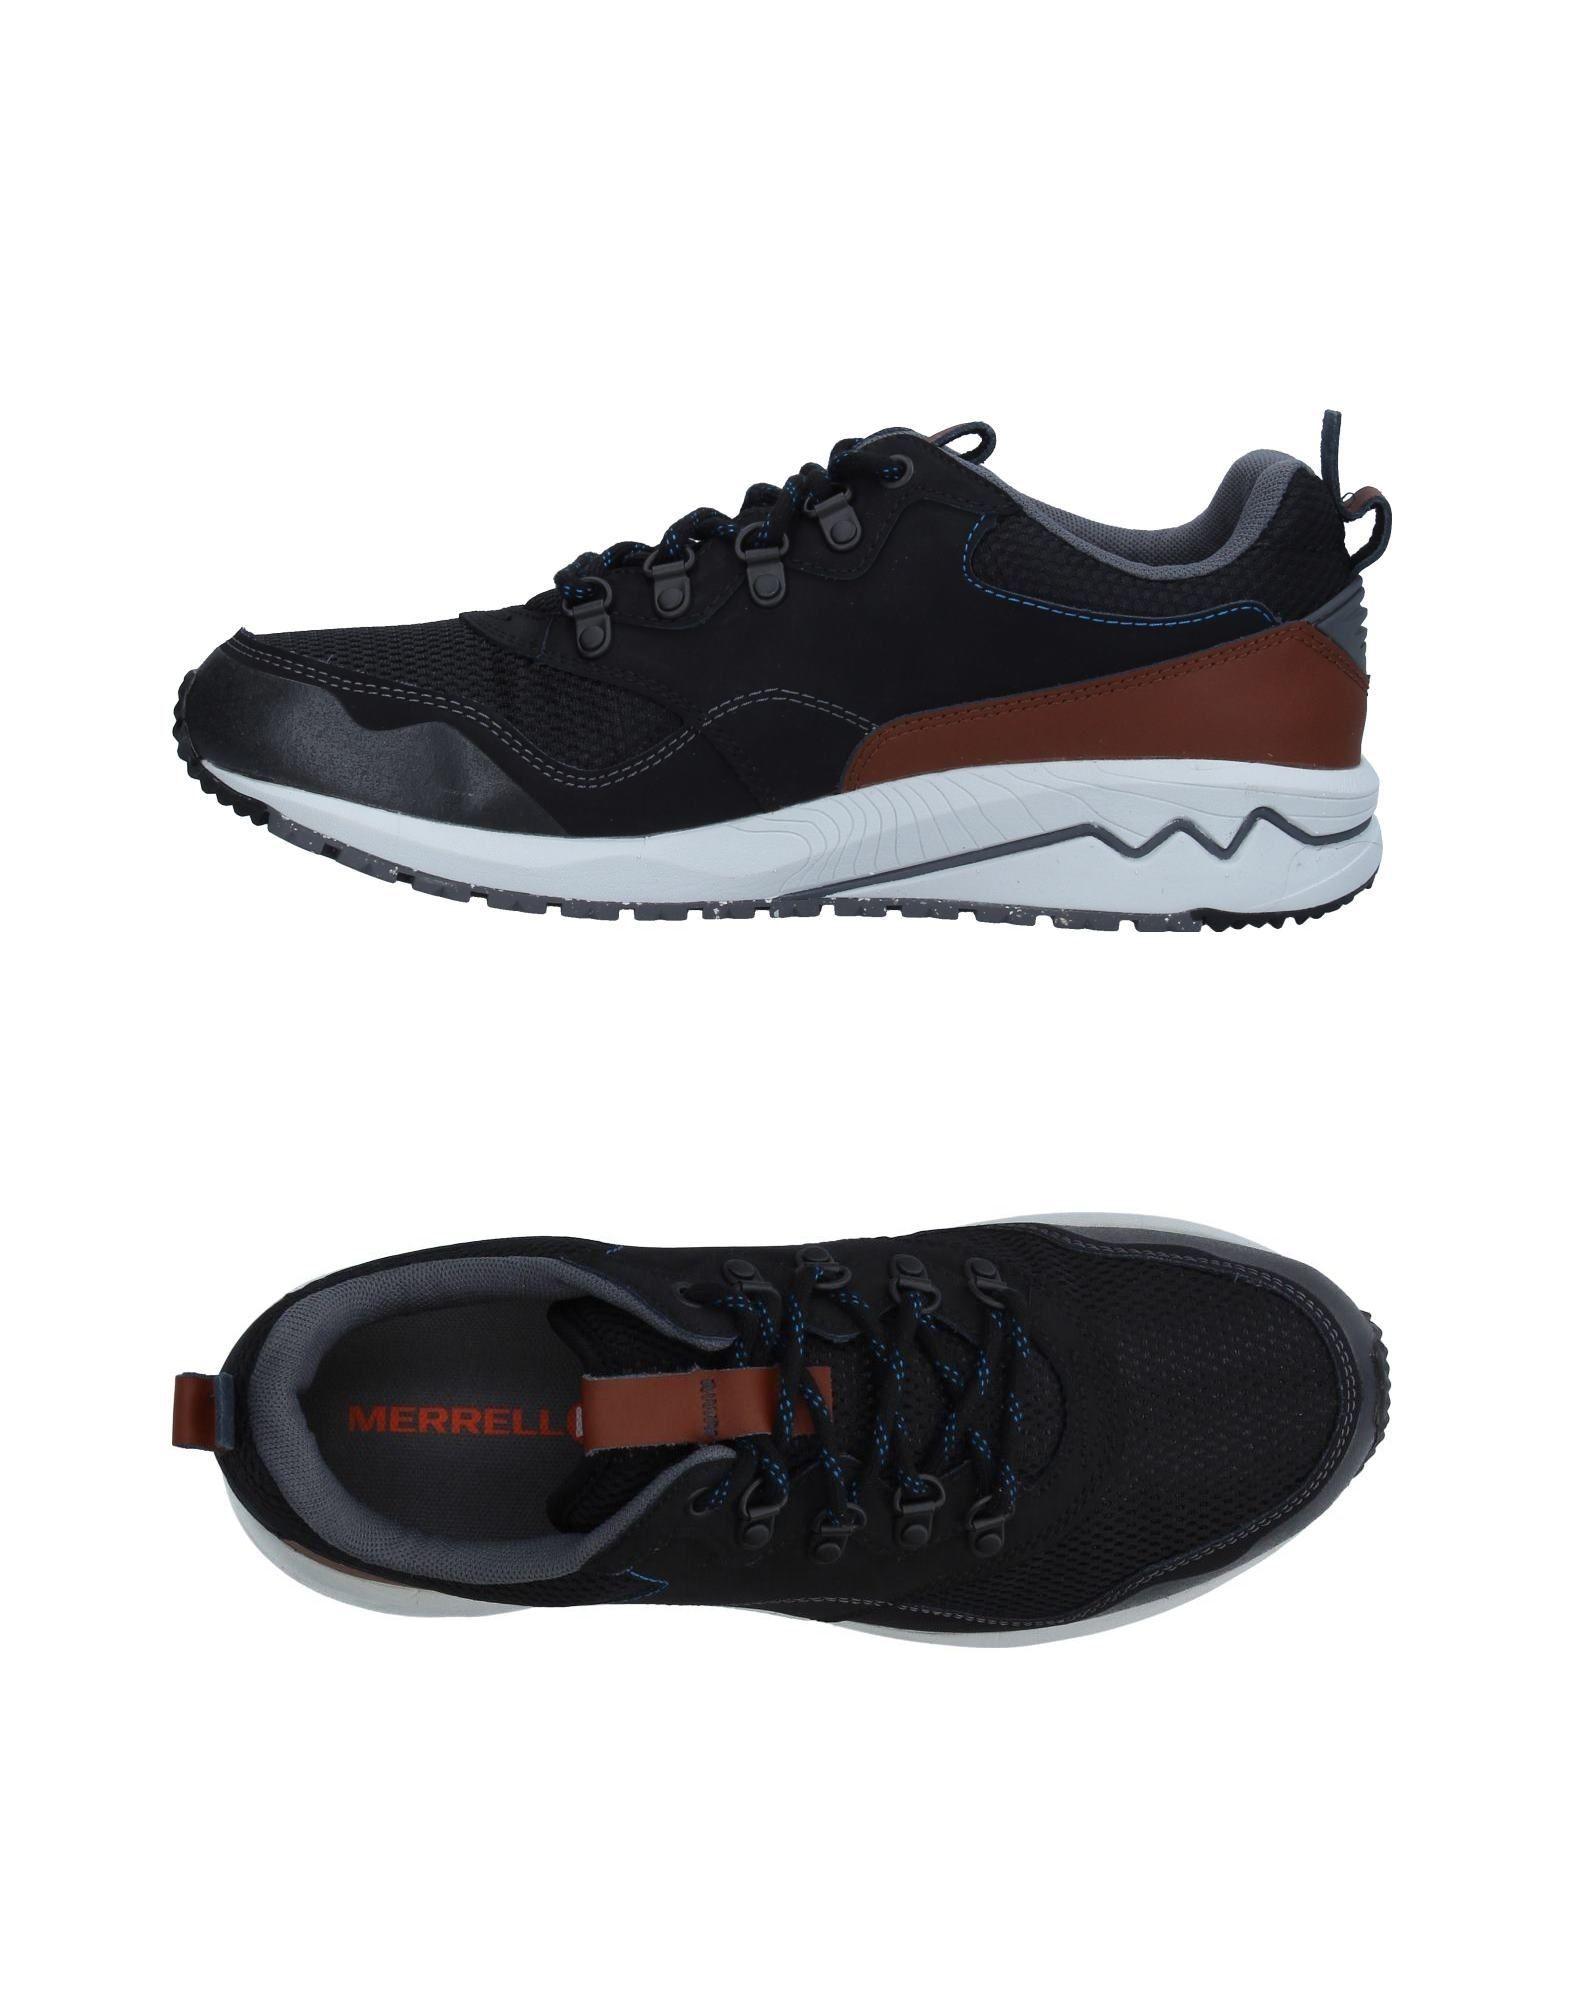 Merrell Sneakers Herren  11325217LH